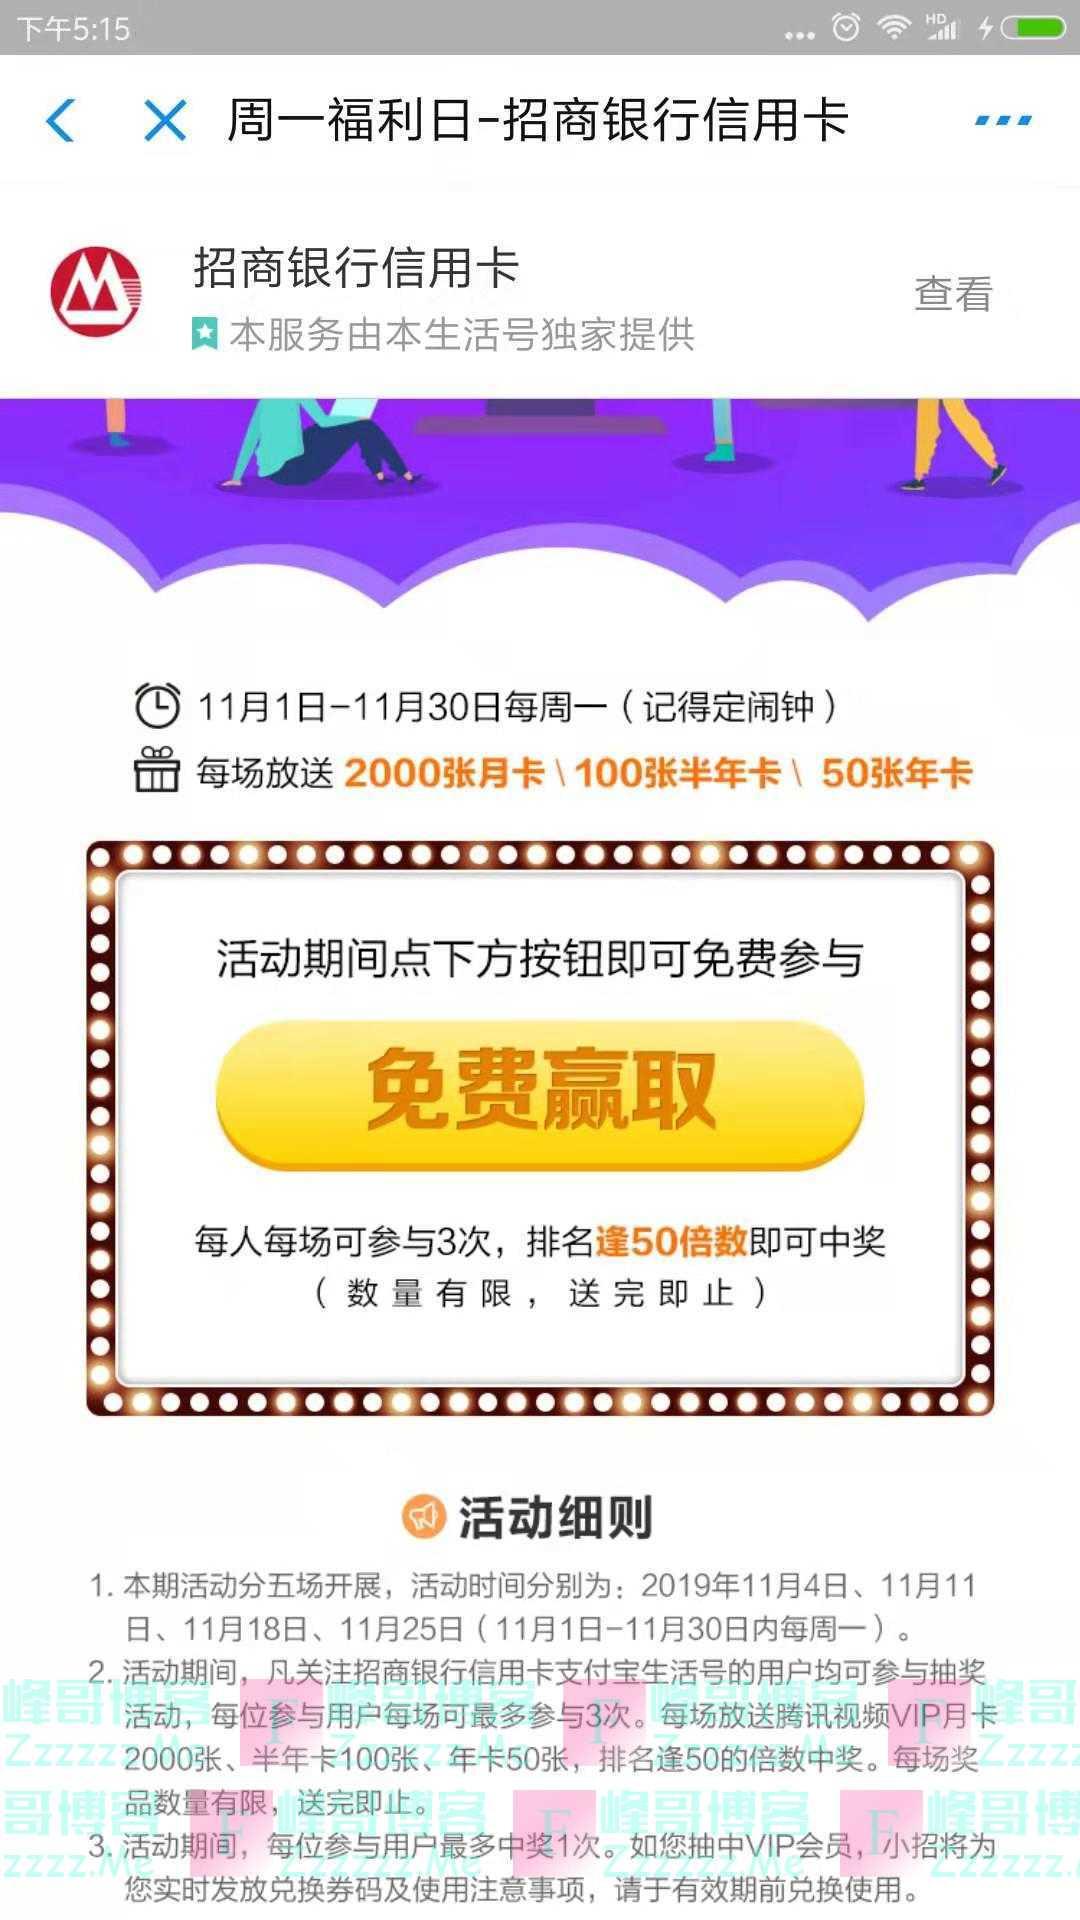 招行xing/用卡周一福利日(截止11月30日)